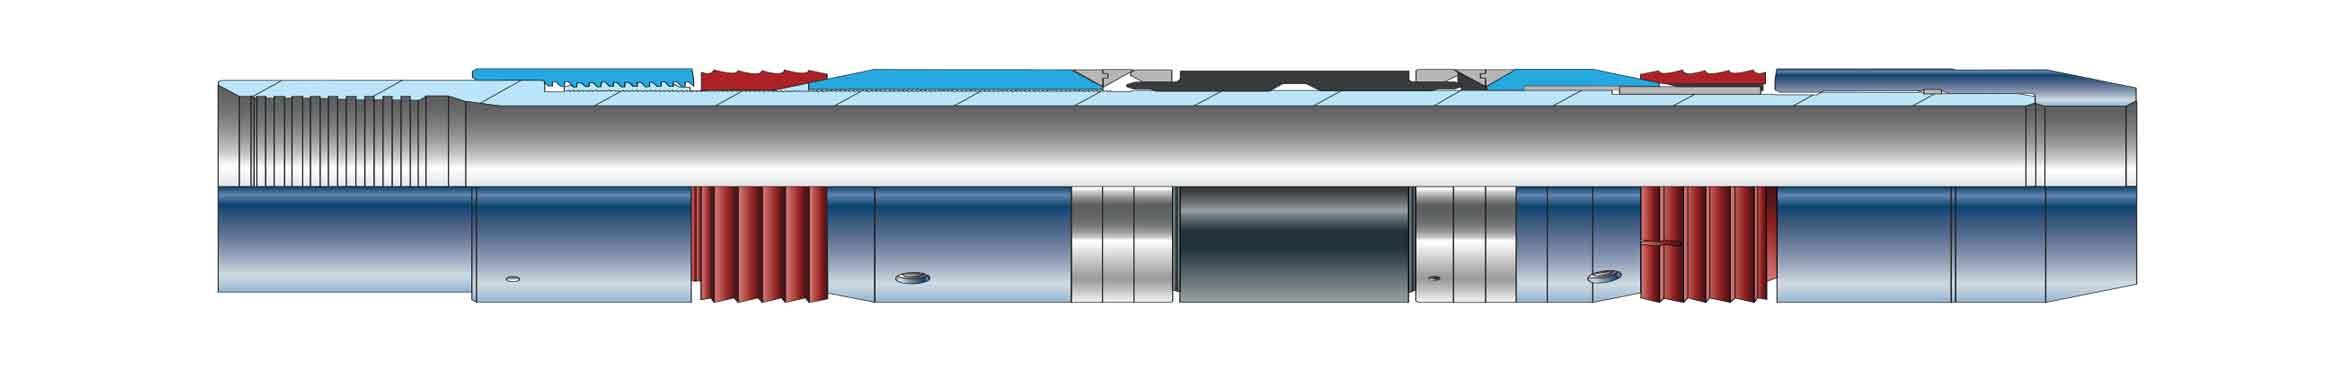 BluePack Max PW-V3 packer.